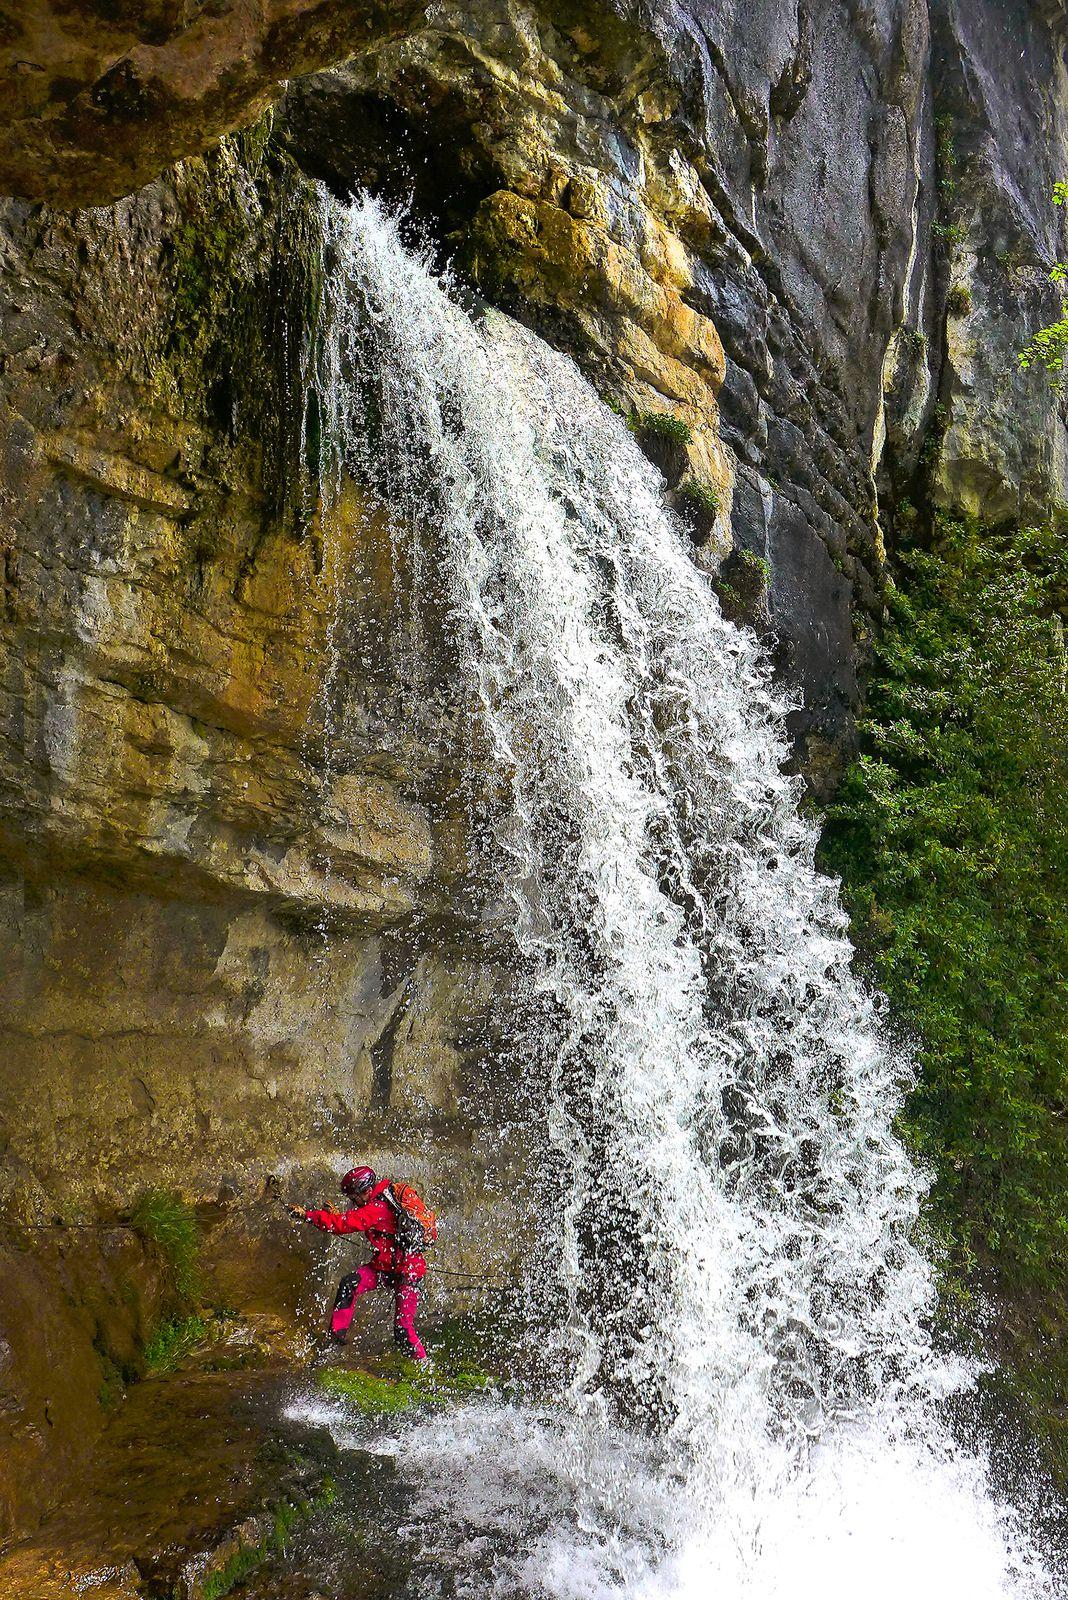 La cascade supérieure, qui sort du réseau souterrain de la Doriaz. On passe normalement derrière sans se mouiller.